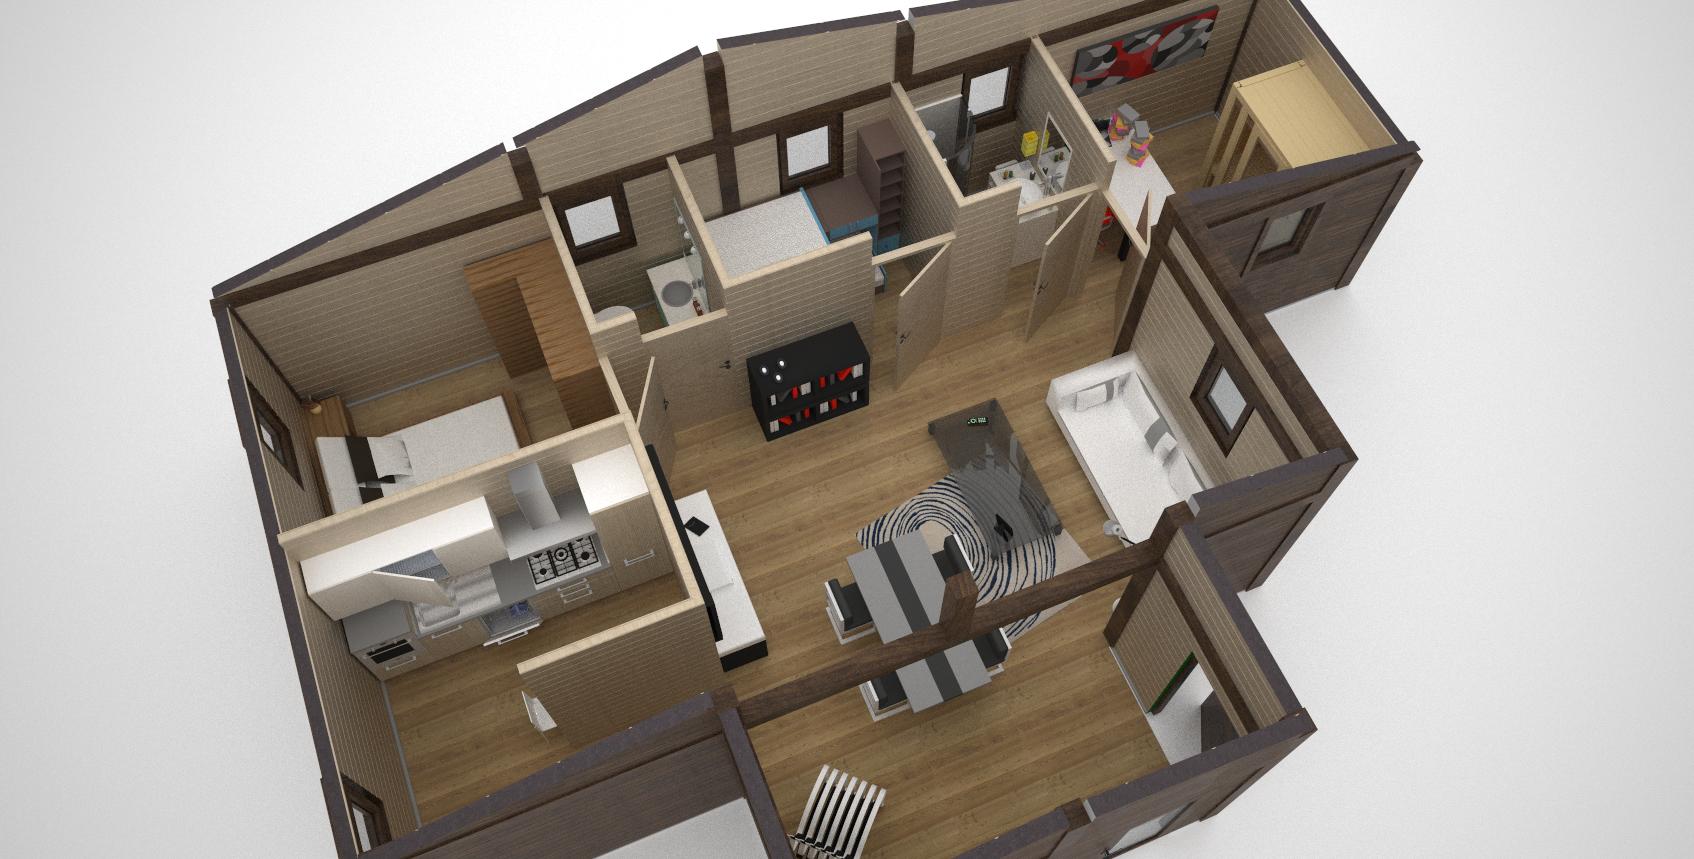 Bungalow in legno case abitabili in legno edil legno for Mini case prefabbricate